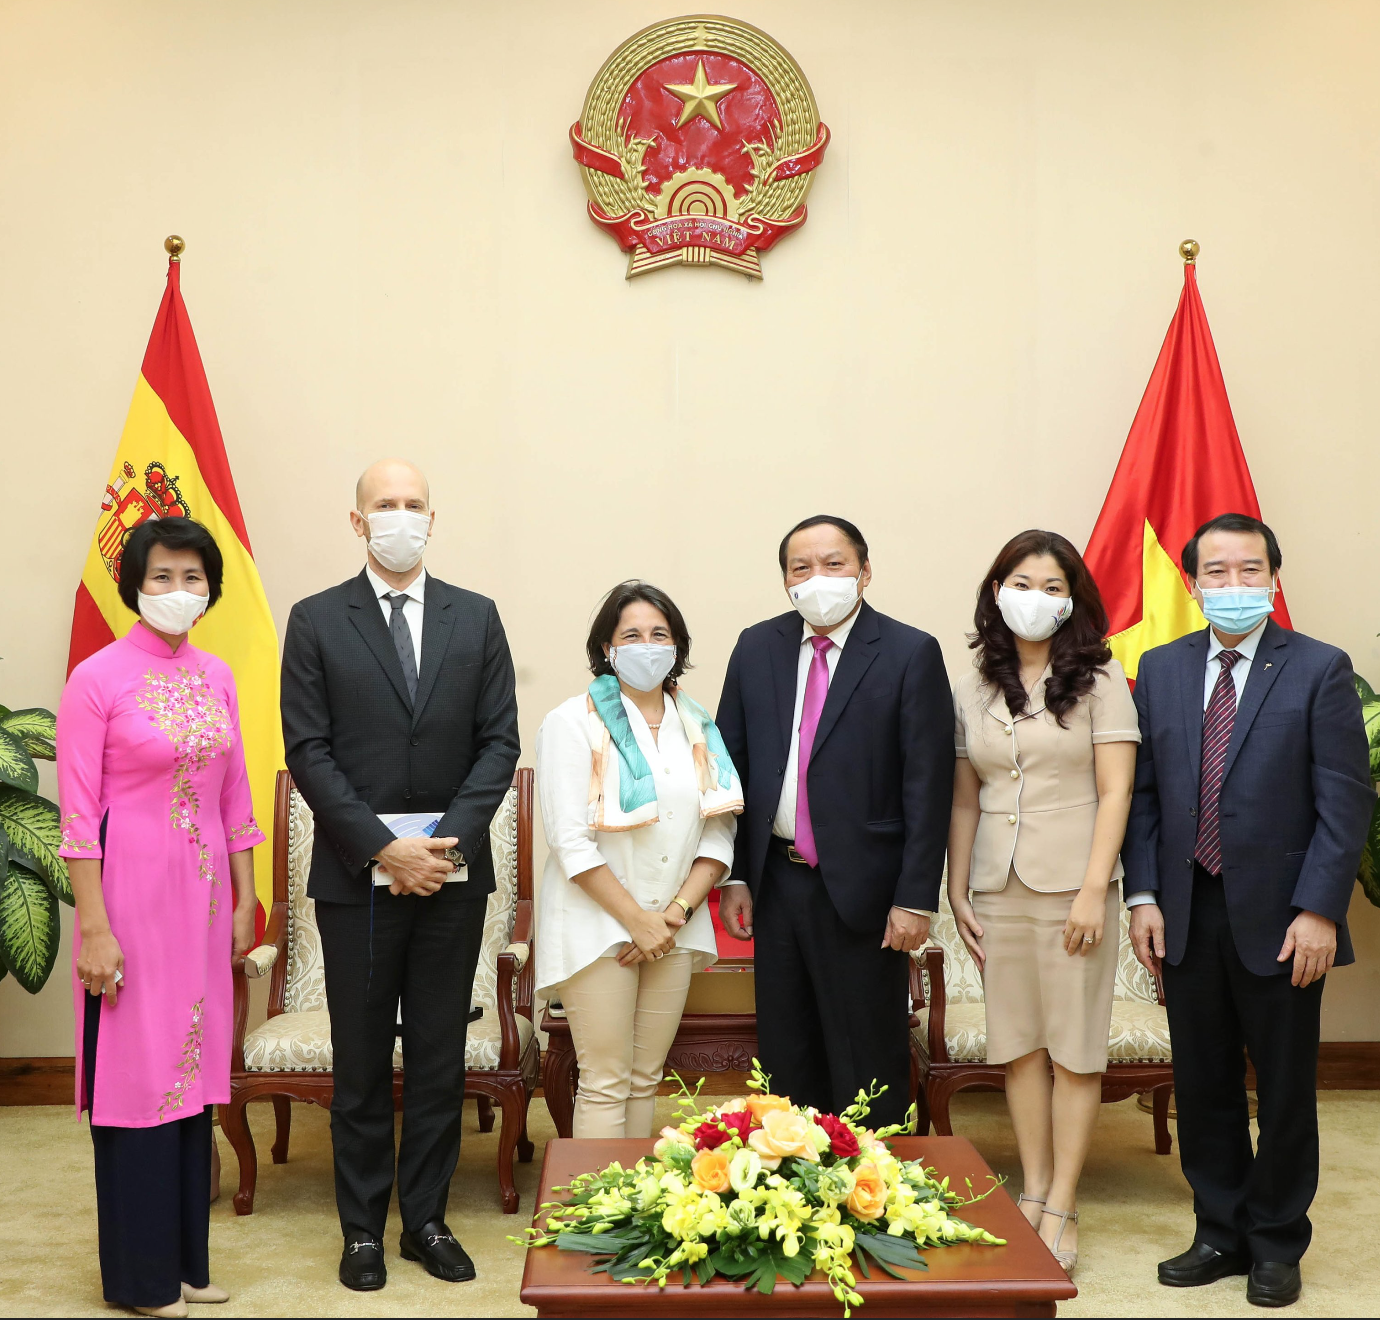 Bộ trưởng Nguyễn Văn Hùng đề nghị Tây Ban Nha hỗ trợ vaccine phòng chống Covid-19 cho Phú Quốc